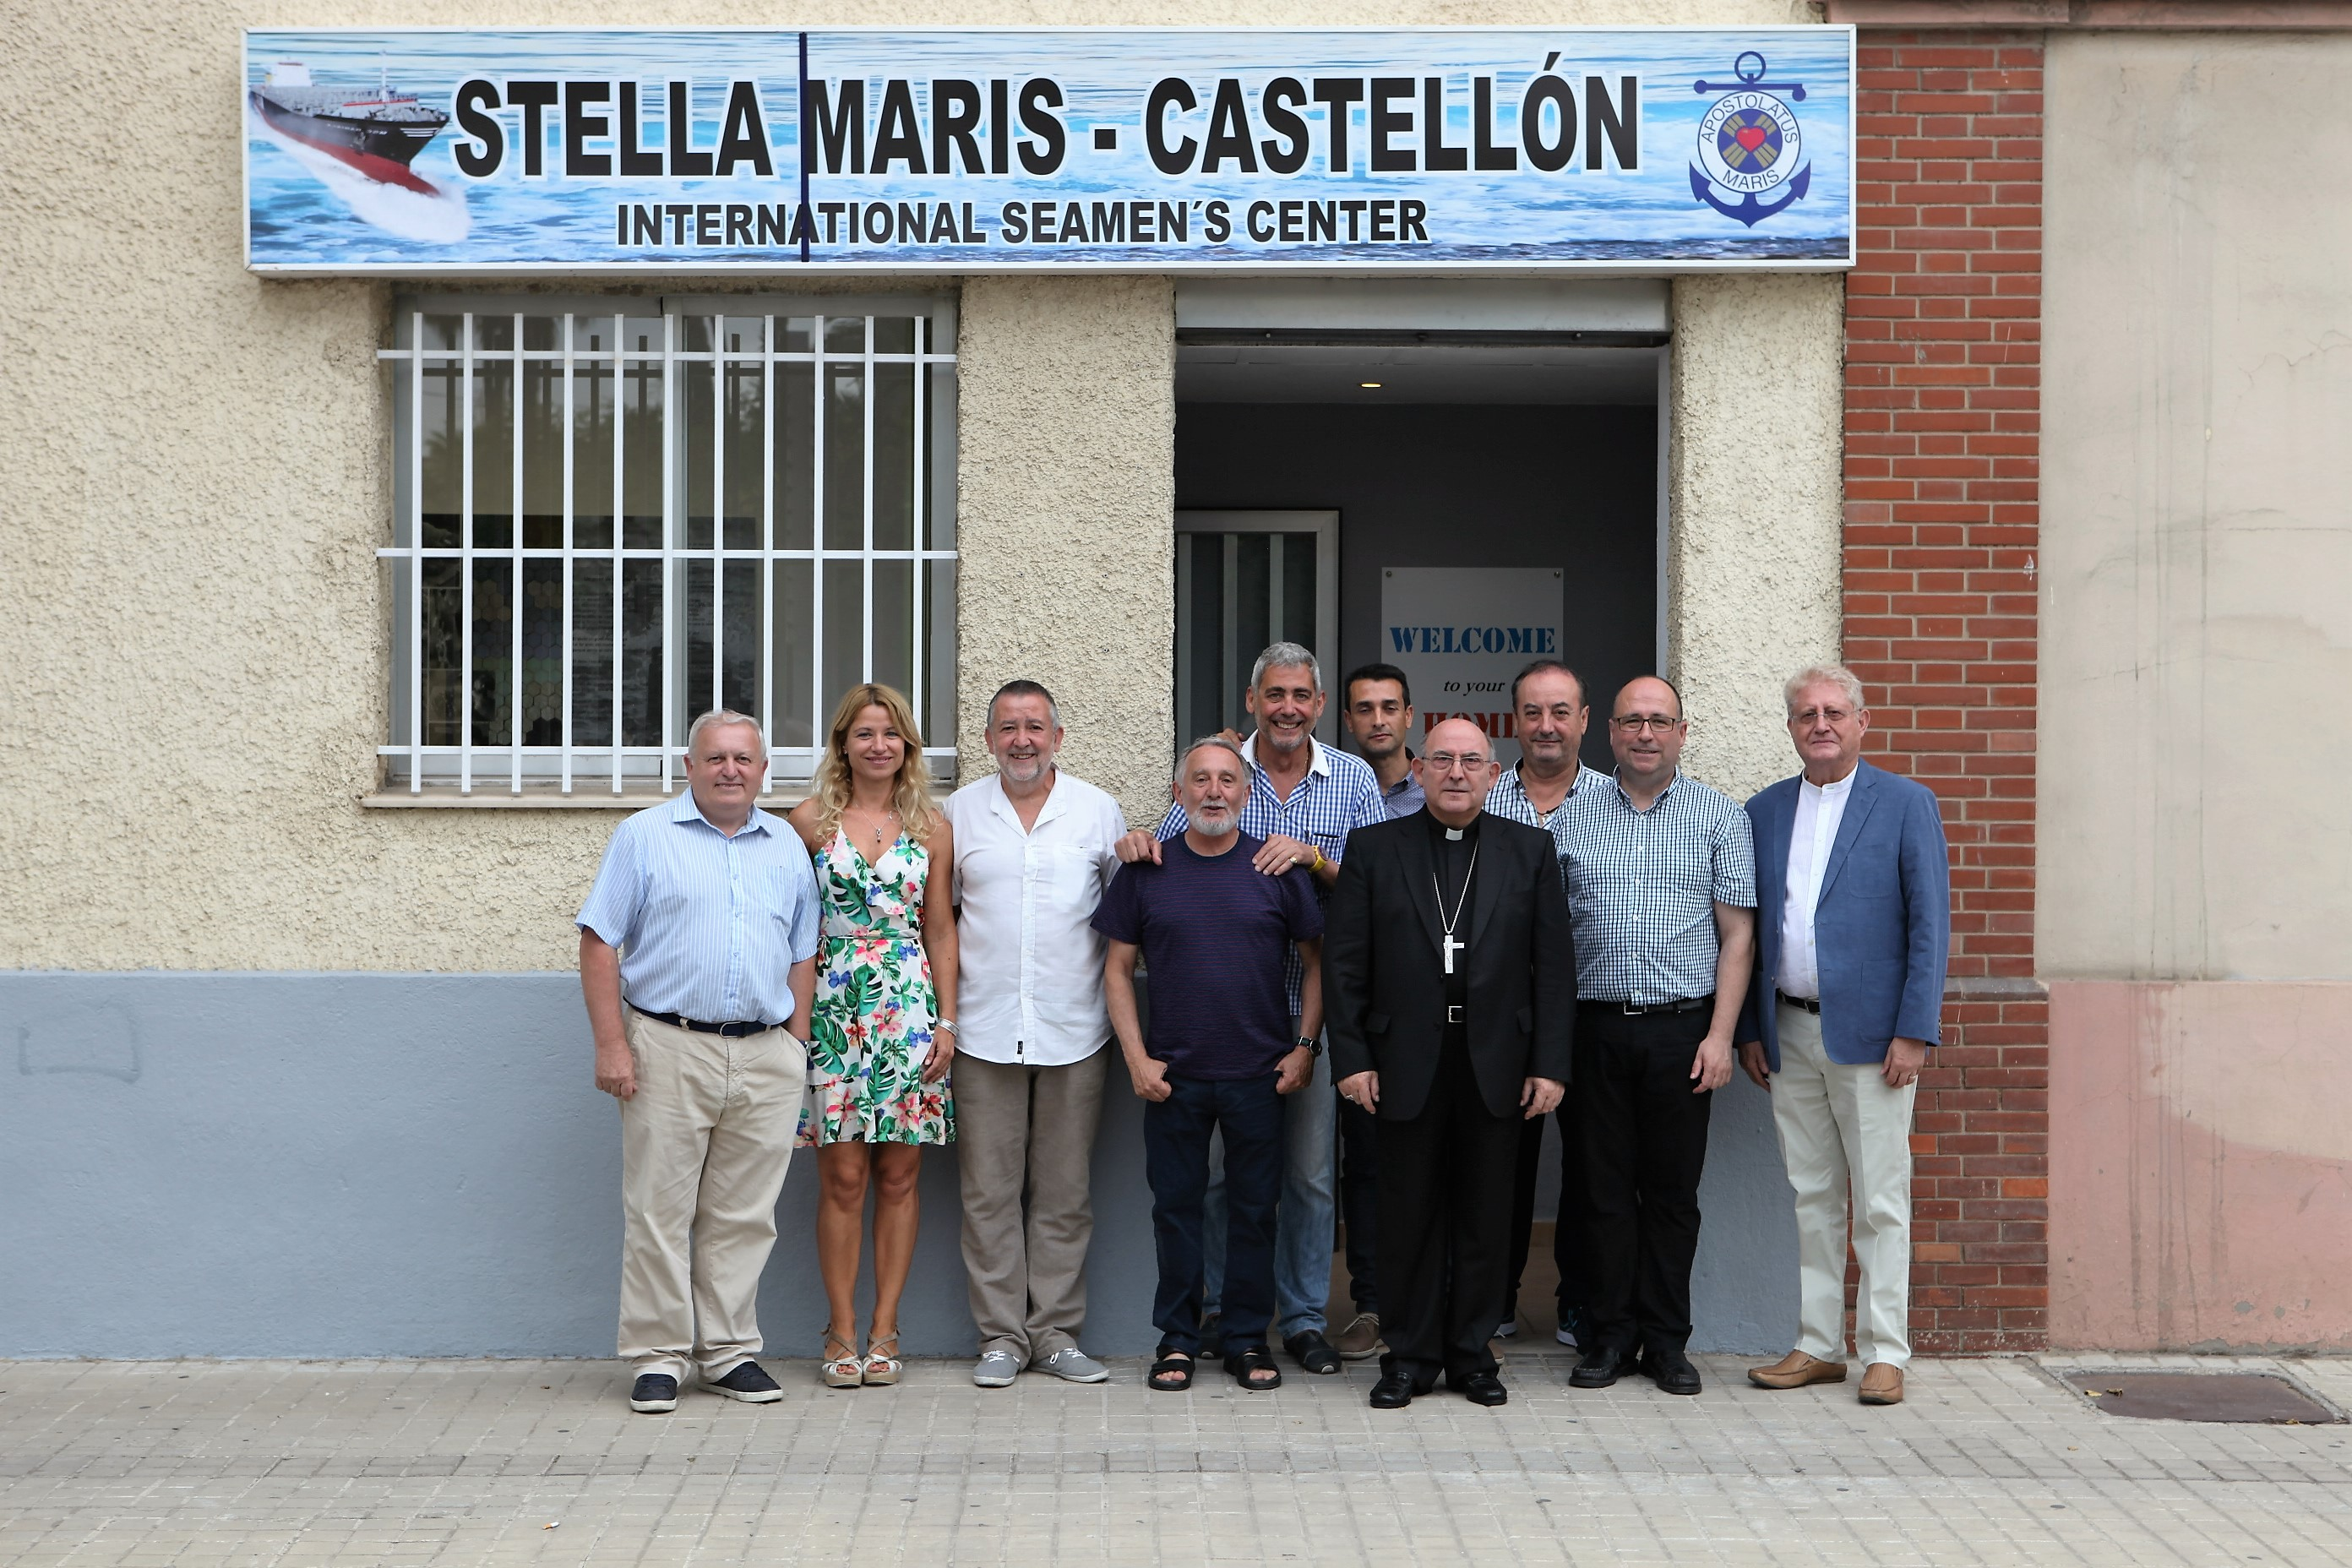 Imagen de voluntarios con el Obispo castellonense en el exterior del local